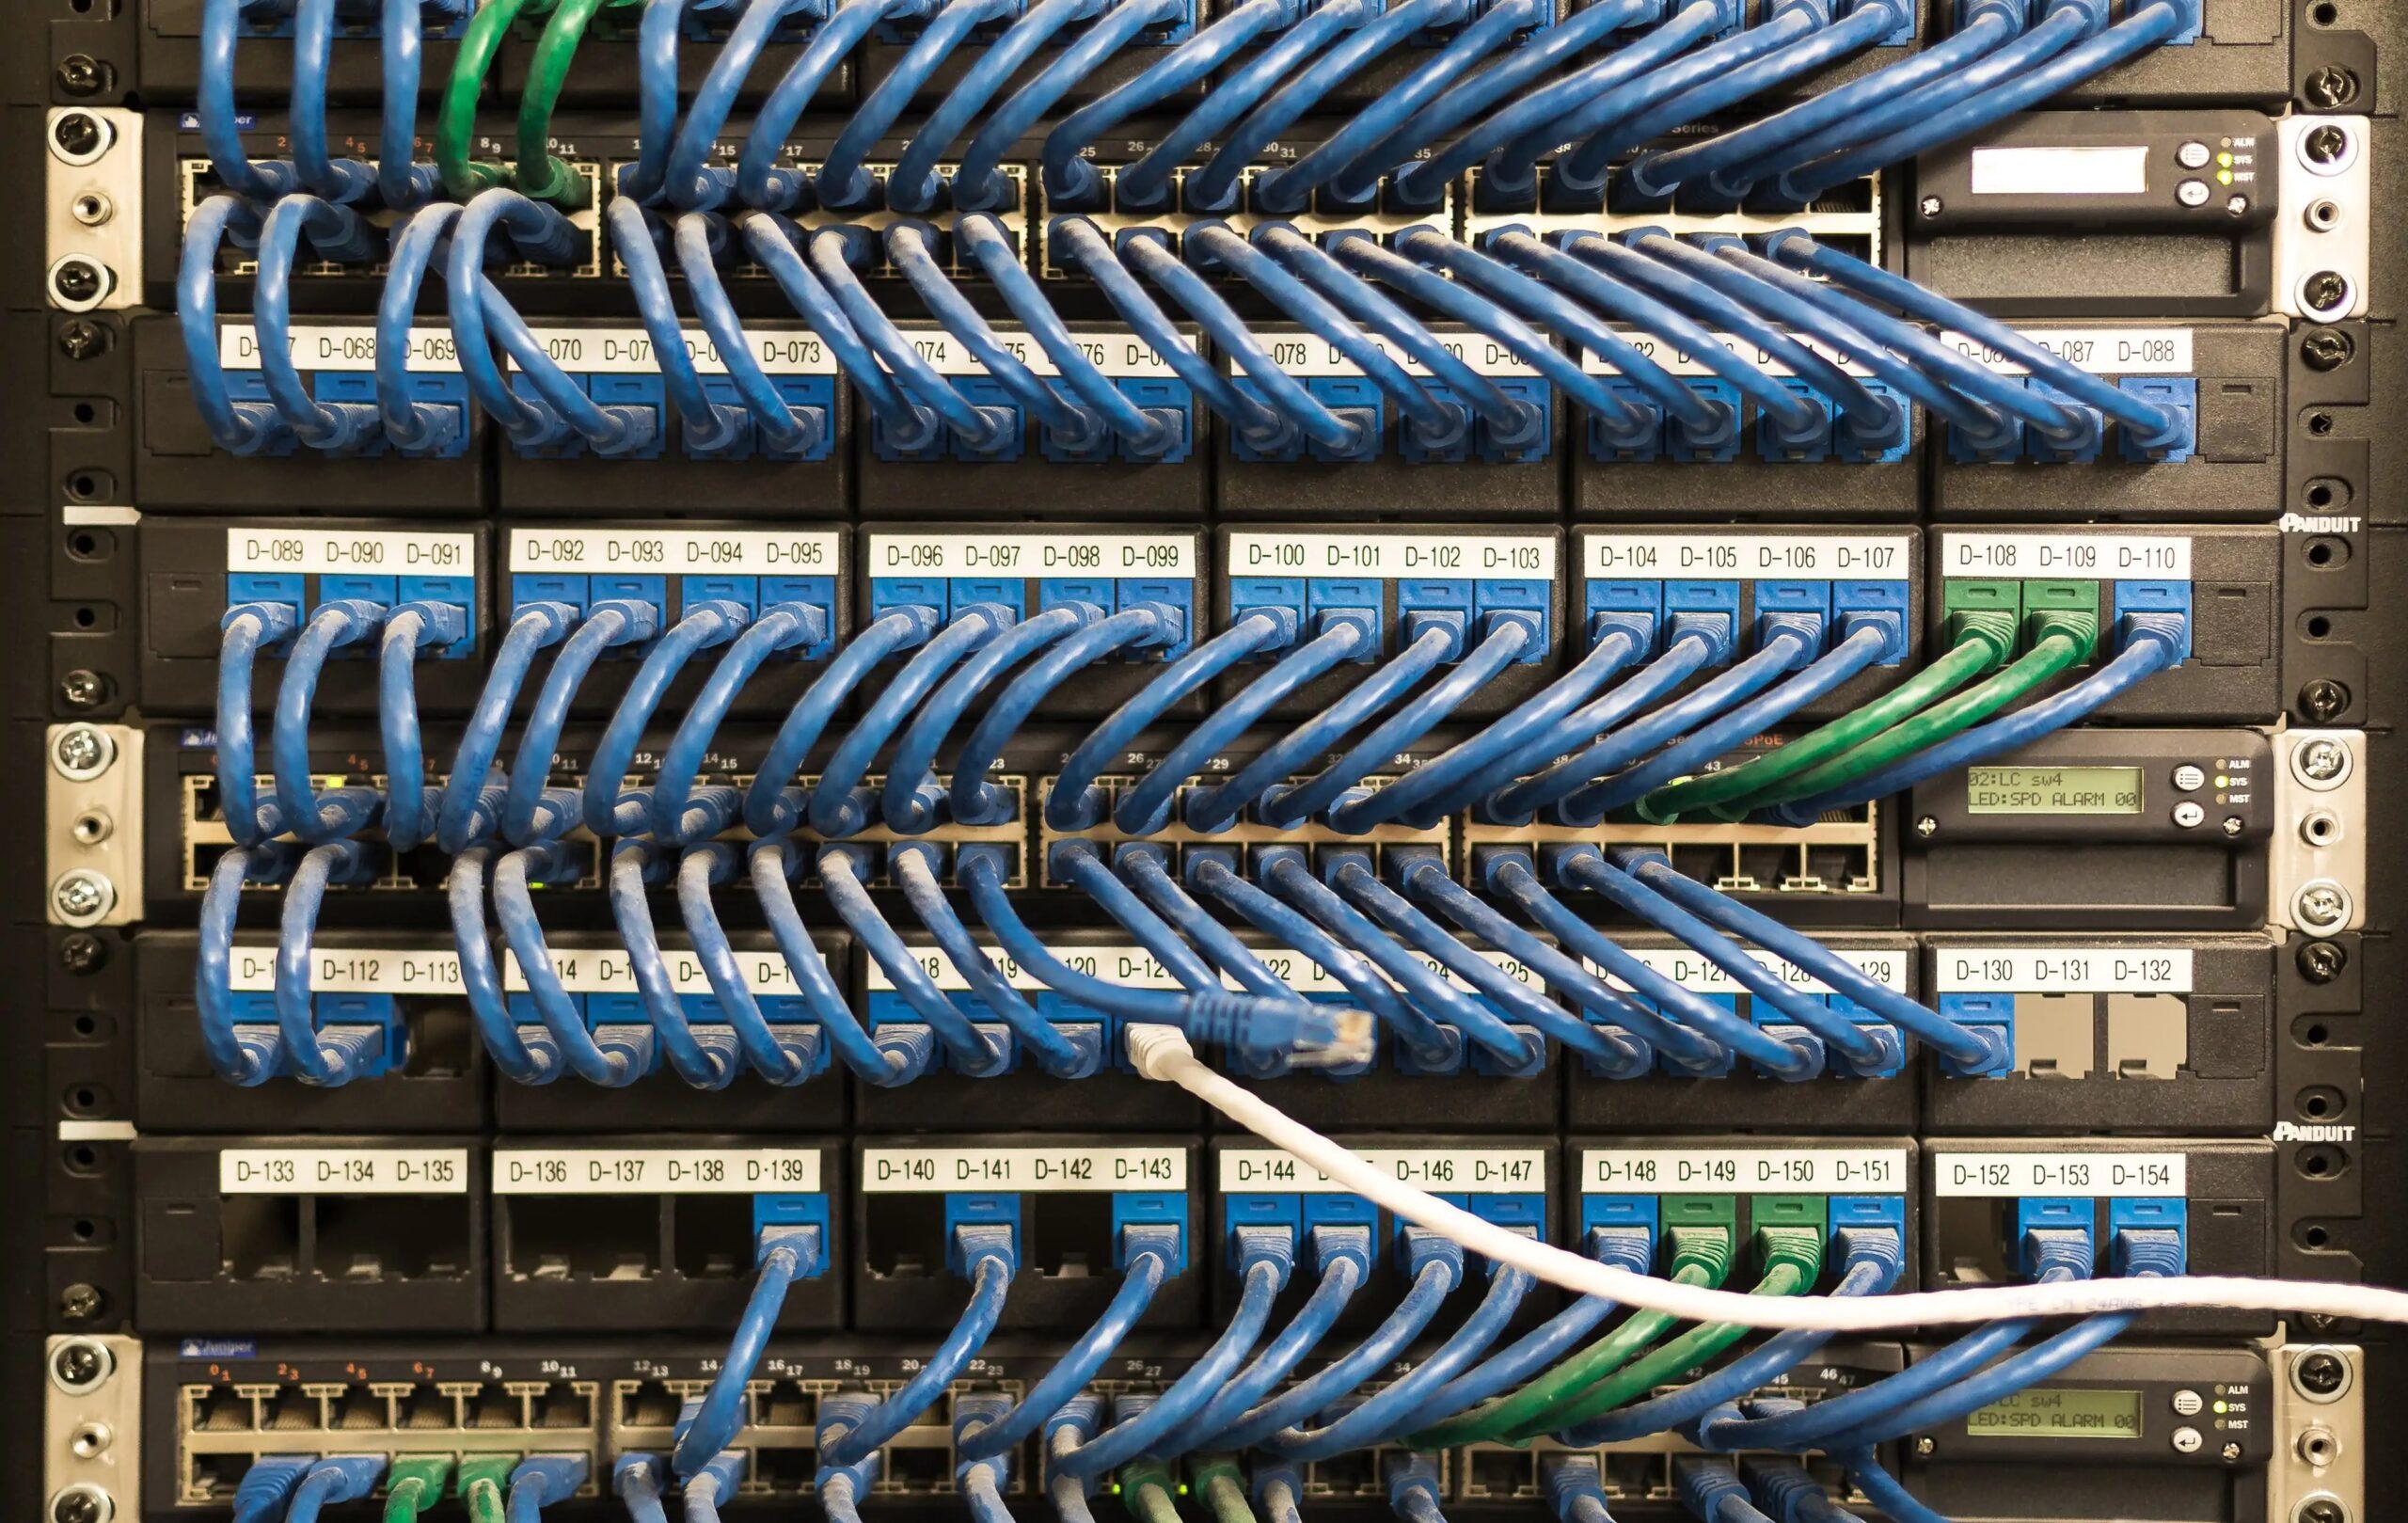 Réinitialiser la couche IPv4/IPv6 sous Windows